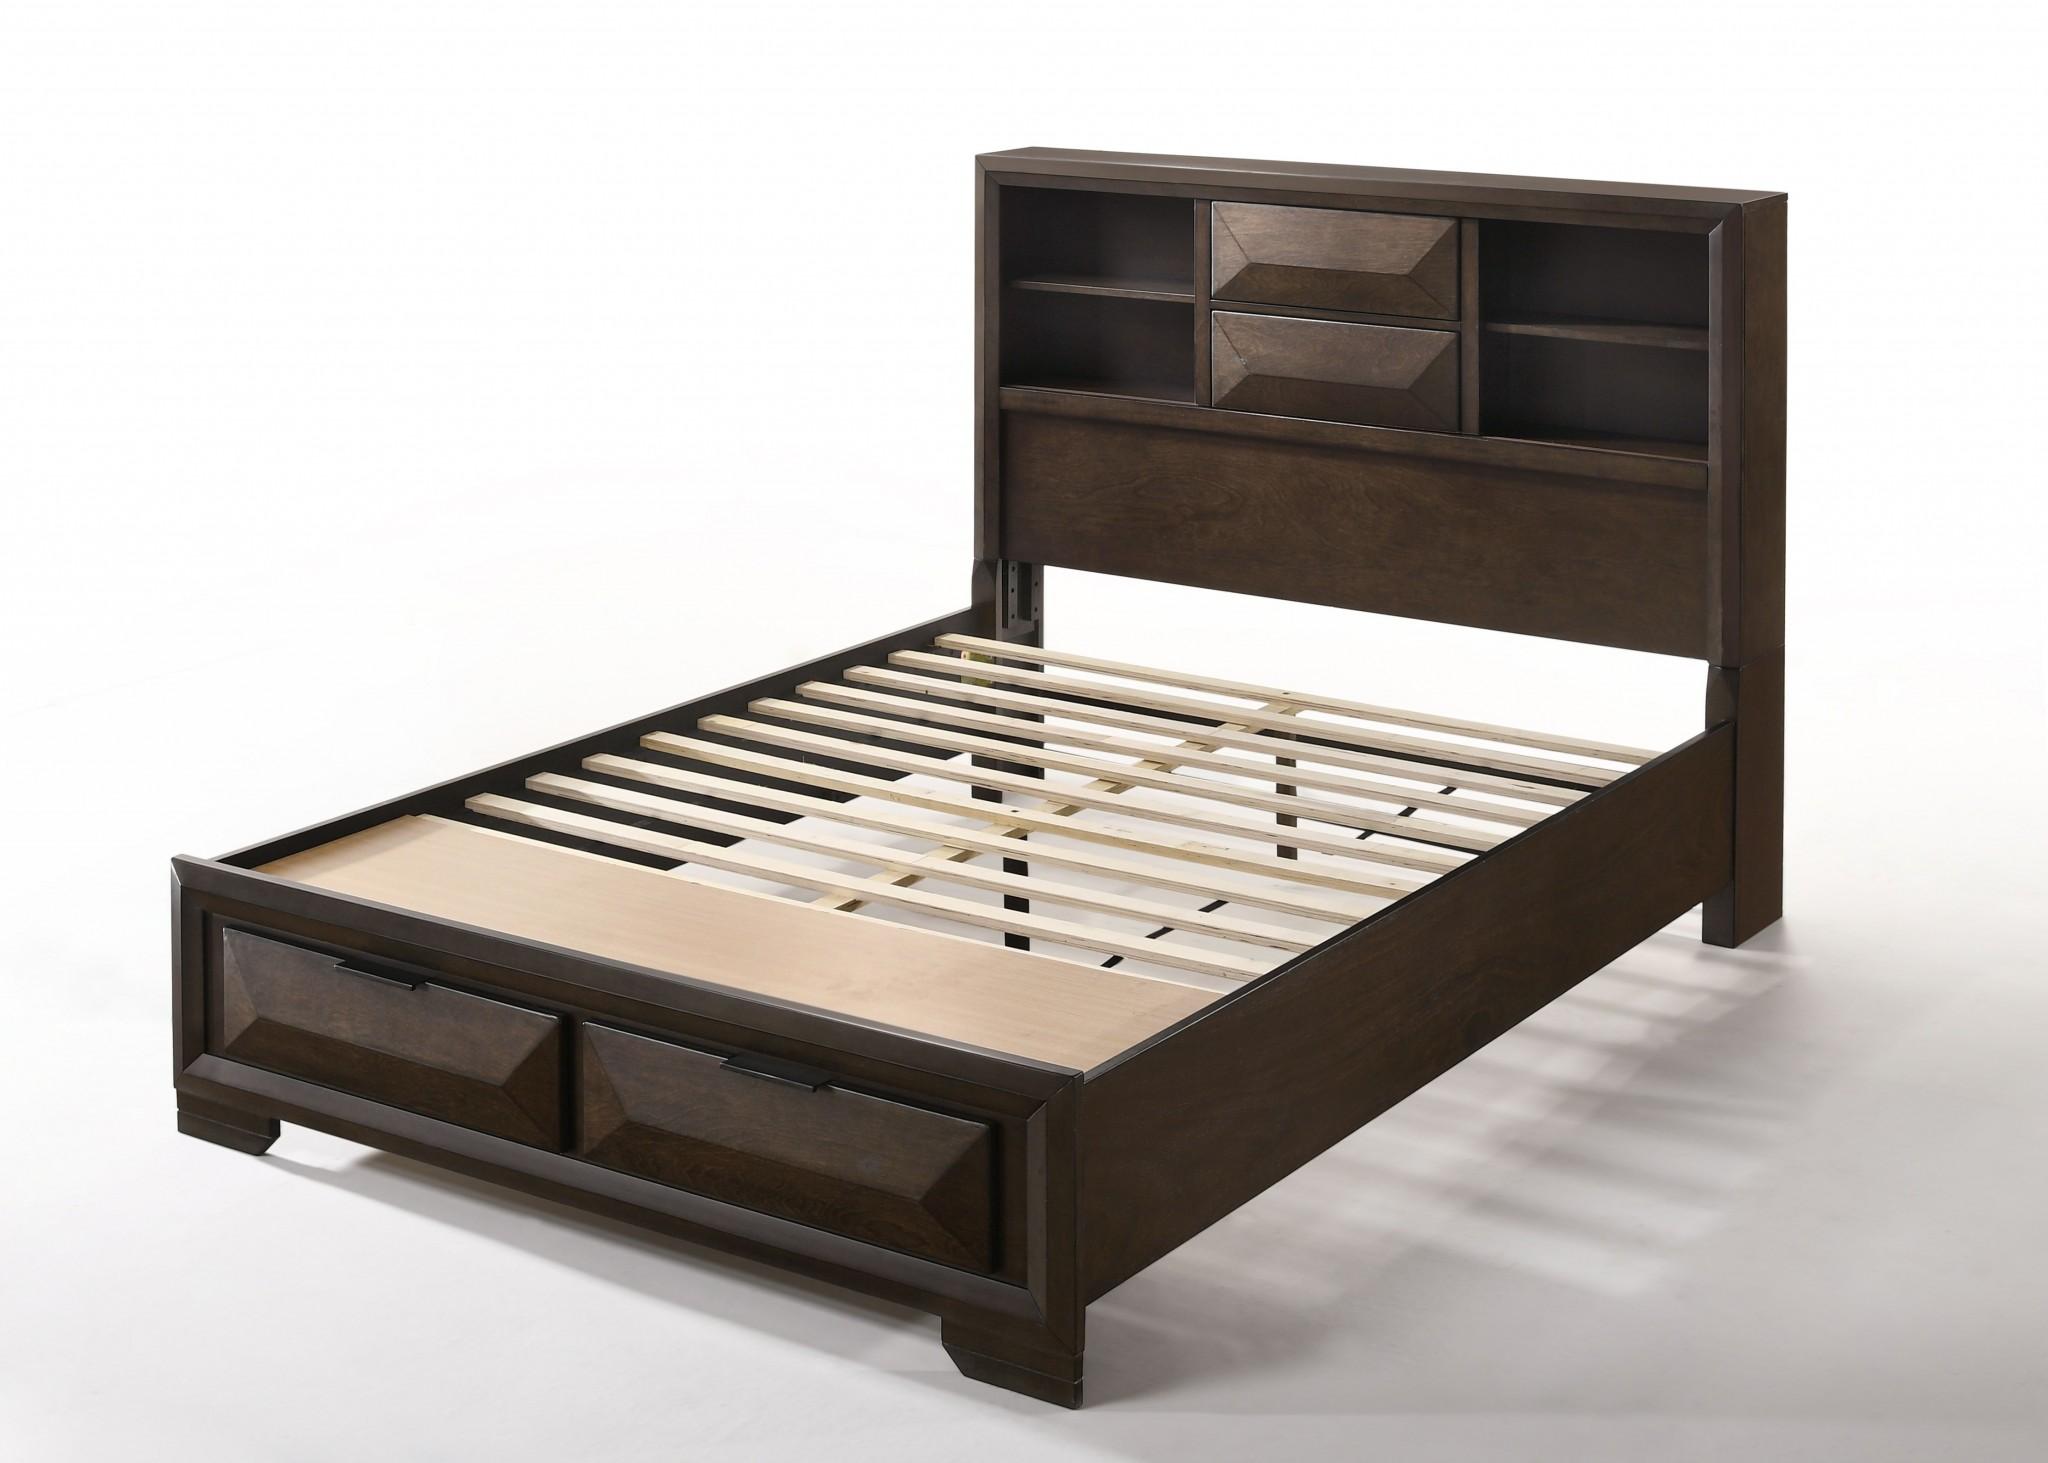 Queen Storage Bed In Espresso - Rubber Wood, Tropical Wood, Birch Betula Wood Veneer, Laminated Veneer Lumber Slats, Plywood, Chipboard, Mdf